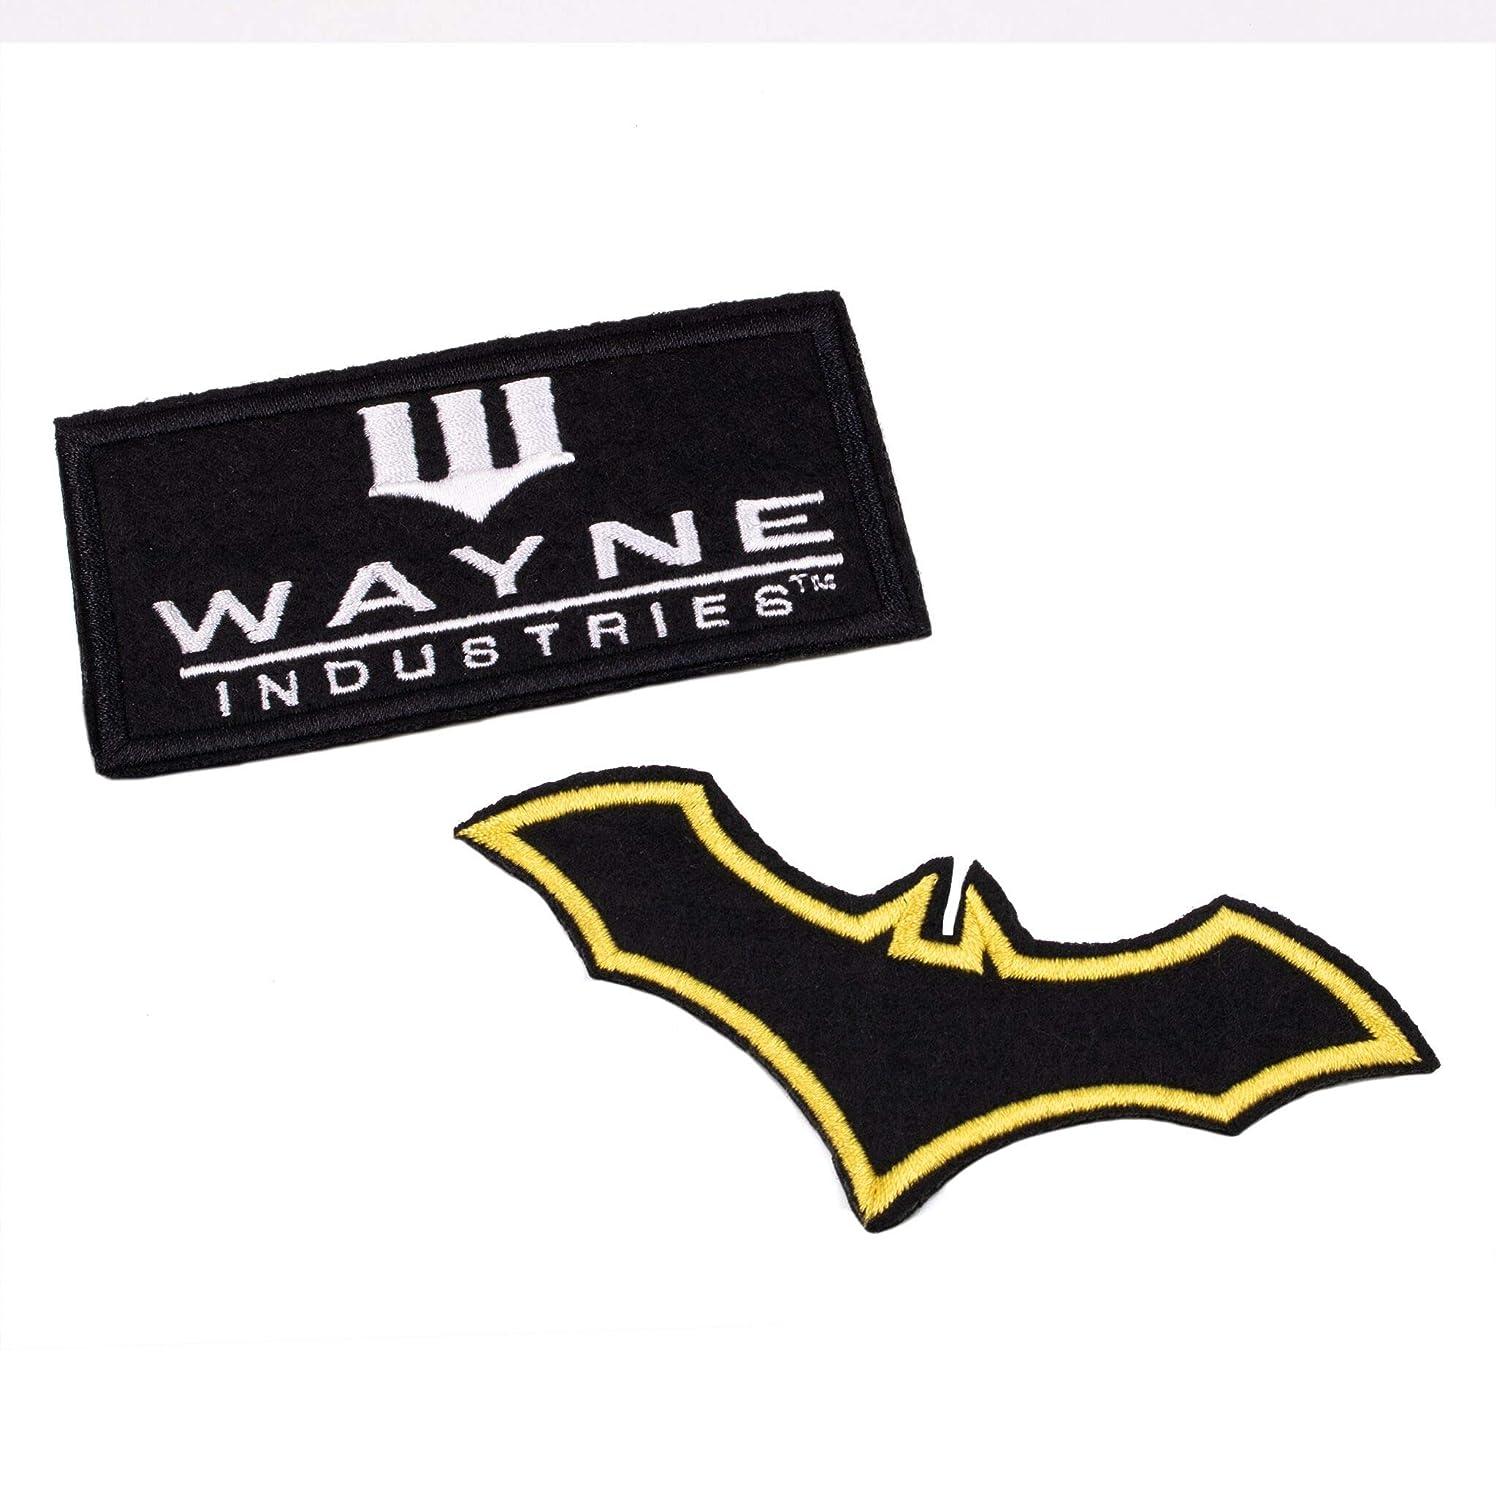 Batman Emblem Patches Set for Bags, Coat, Jacket, Backpack, Ha,t Cap, Tactical Vest & More